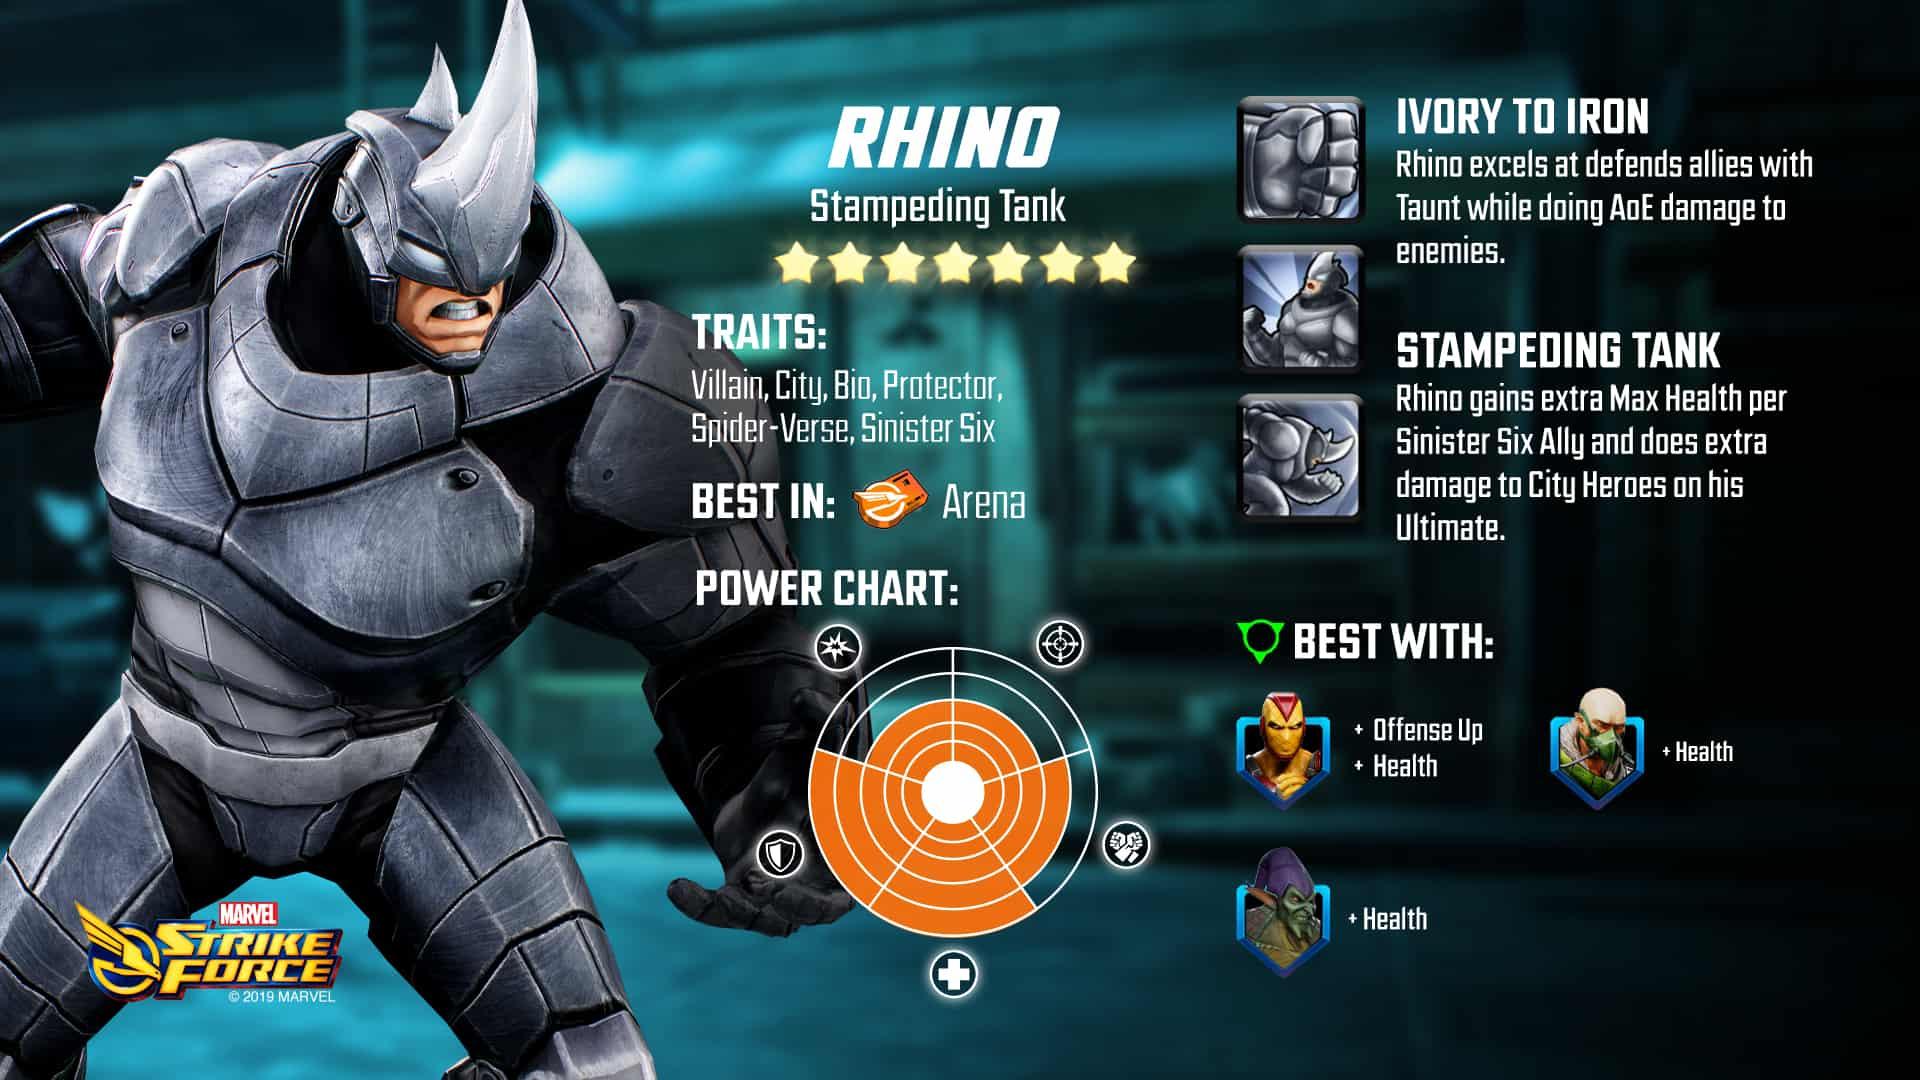 MSF Rhino